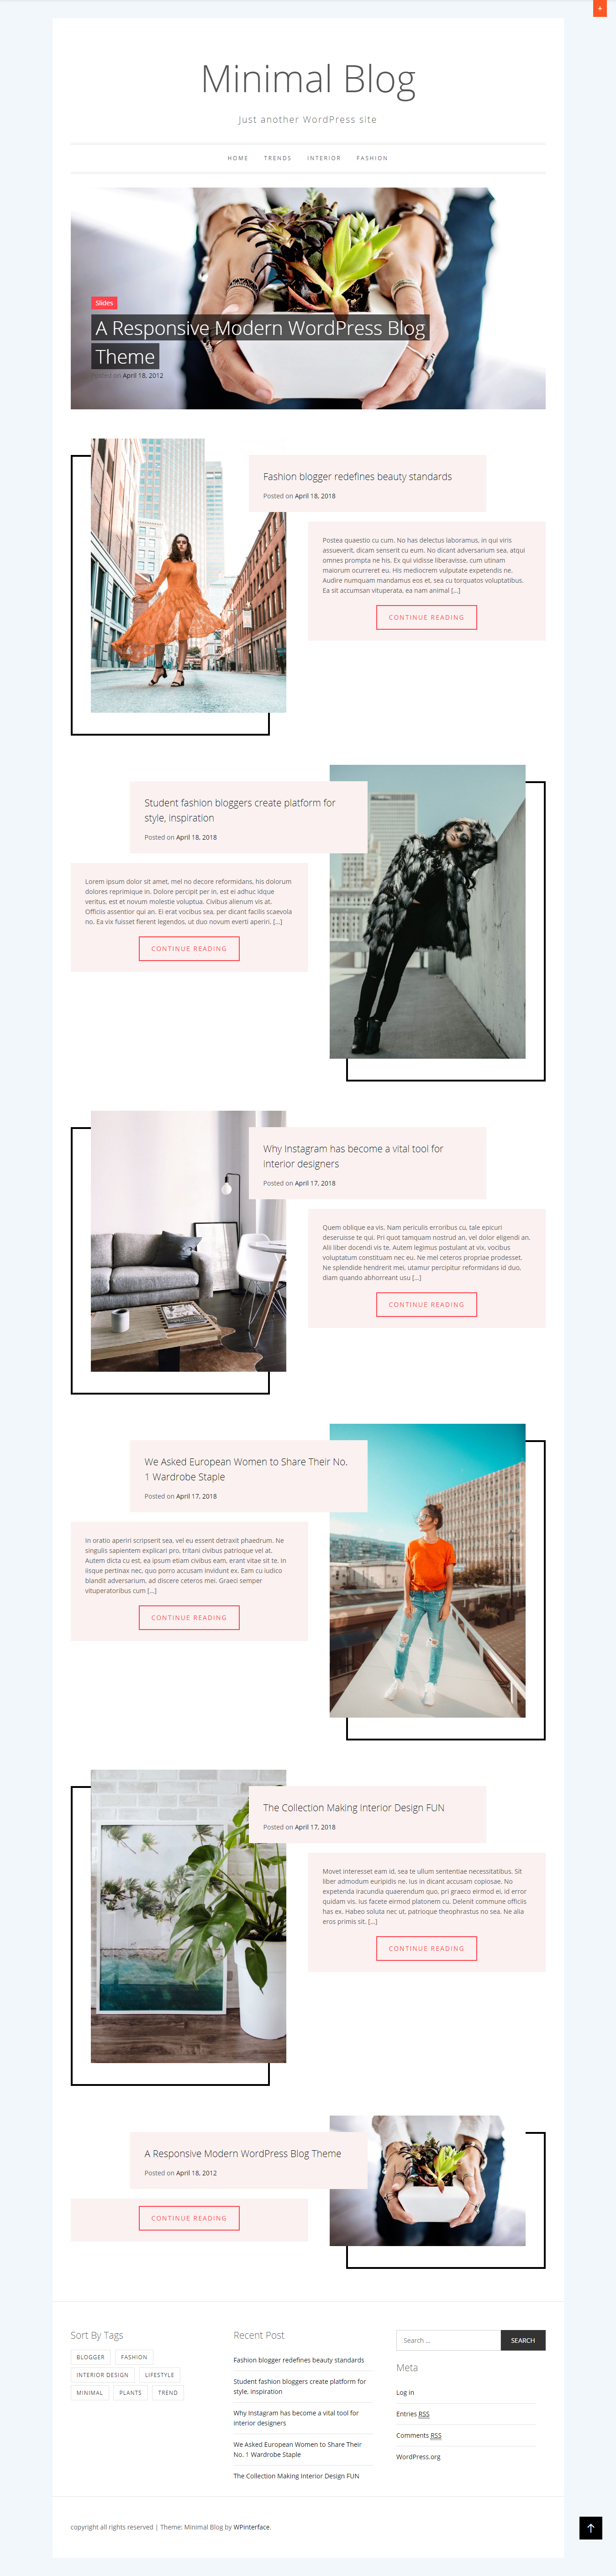 Minimal Blog - El mejor tema de WordPress minimalista gratuito